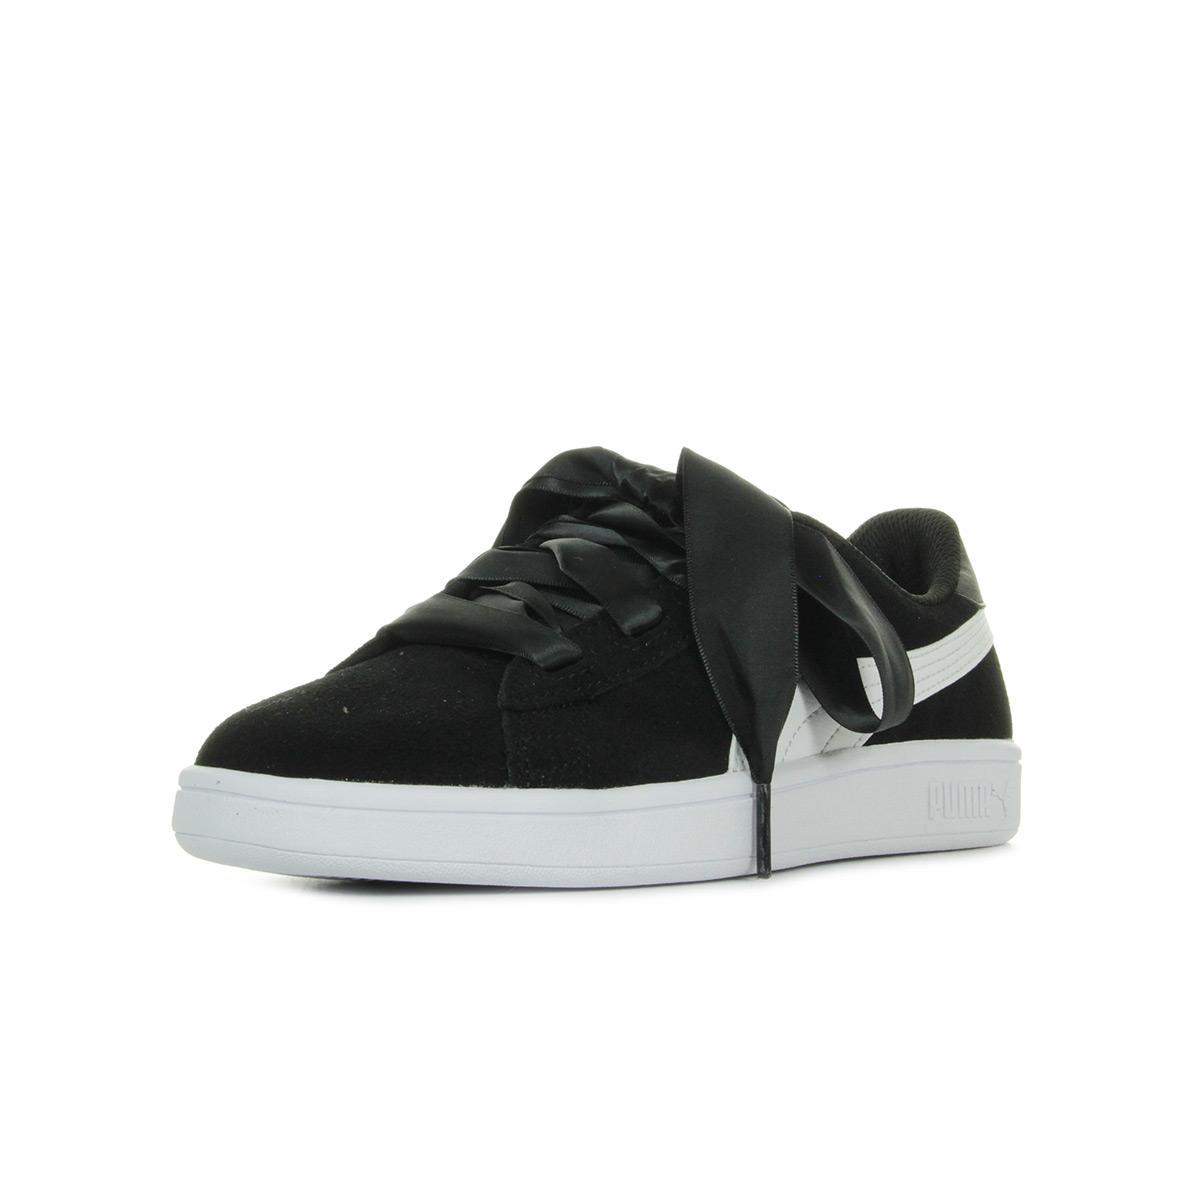 8087bd779473 Chaussures Baskets Puma femme Smash v2 Ribbon taille Noir Noire ...